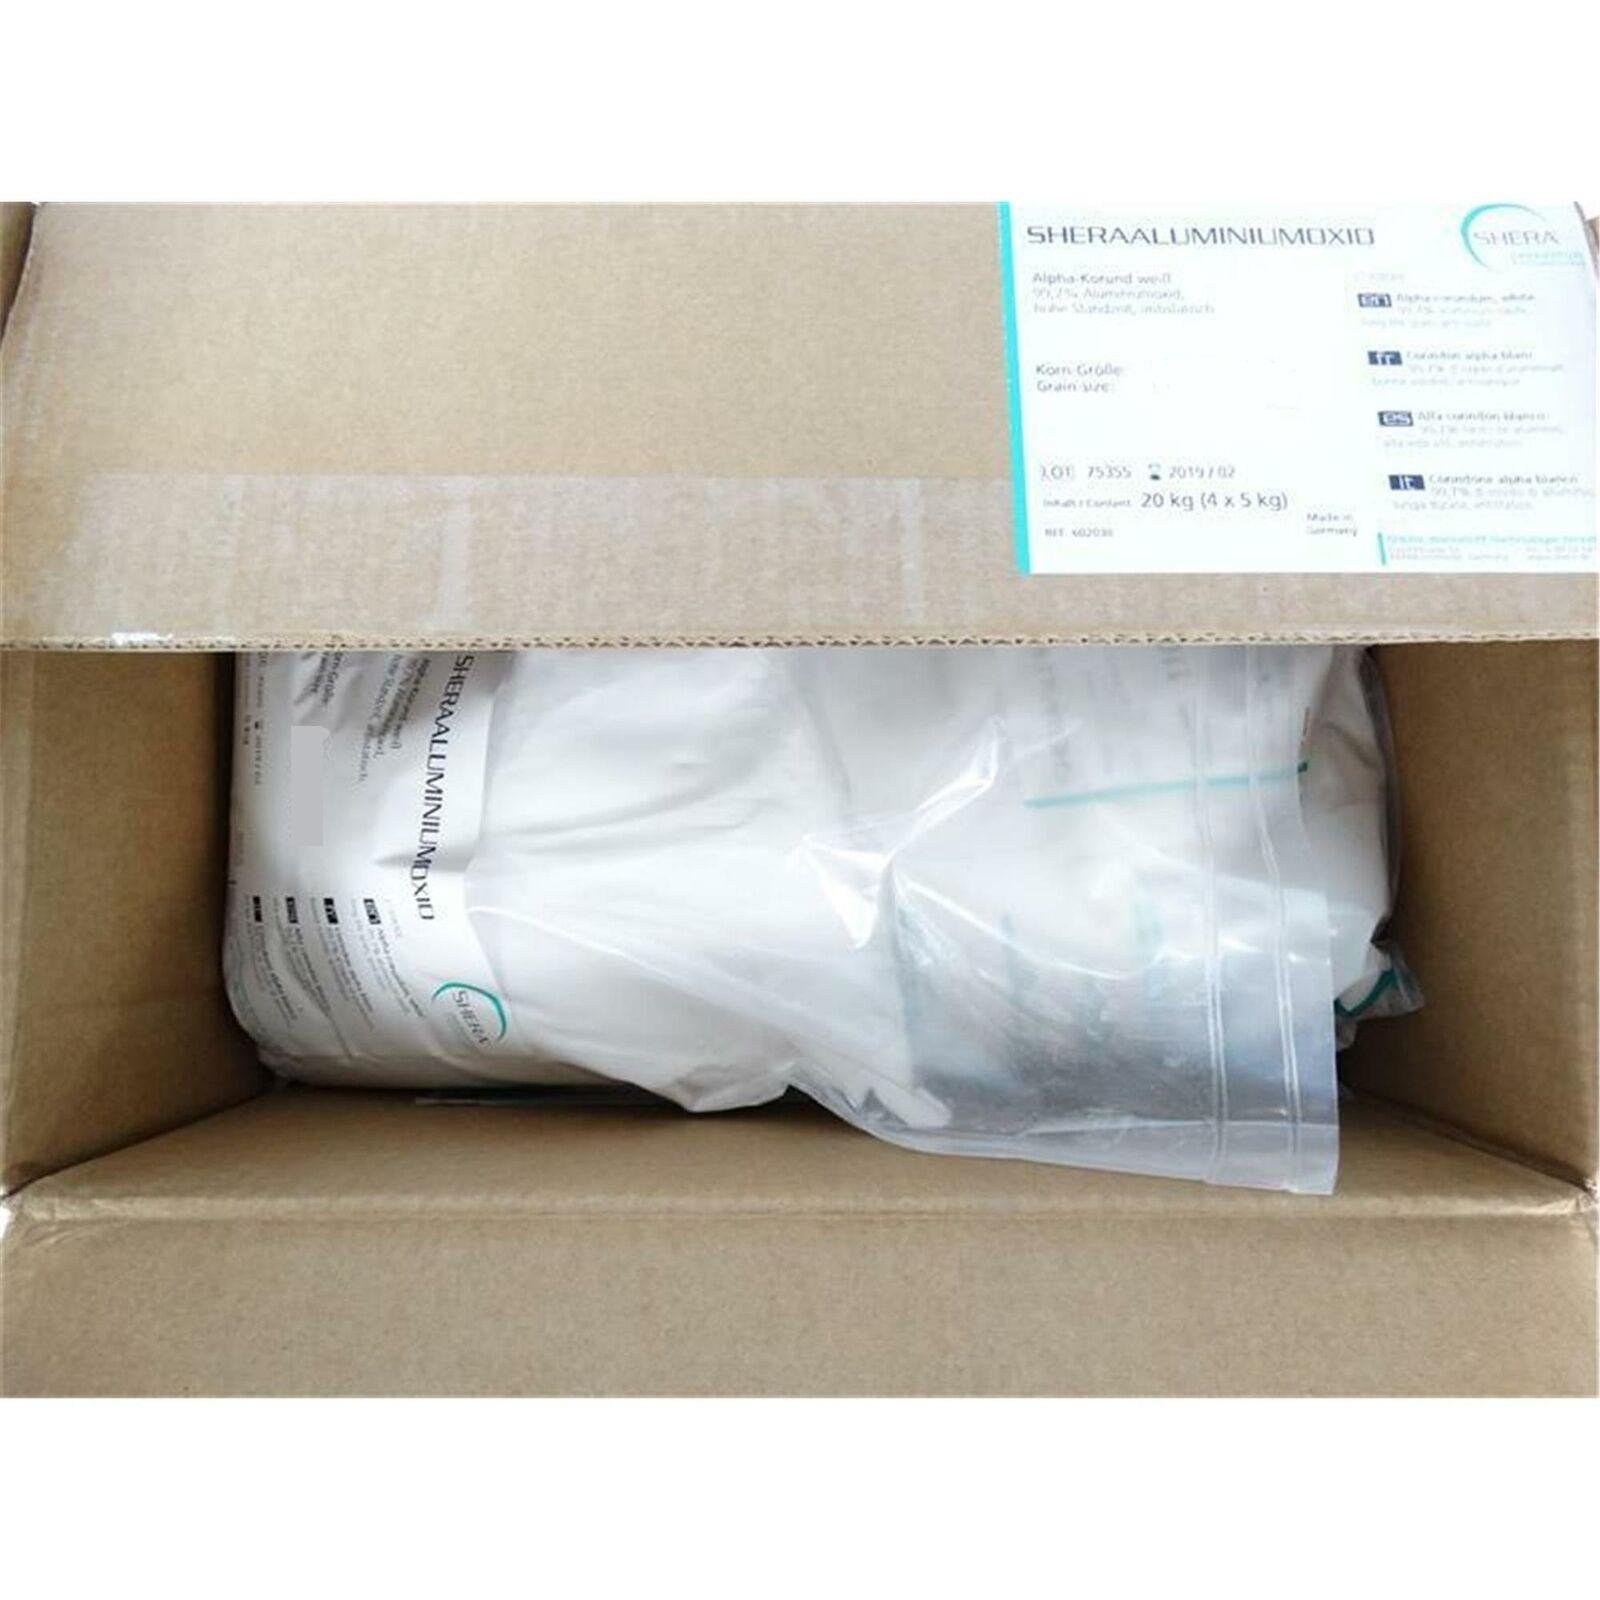 Shera Aluminiumoxid, White 250 my, 5 kg